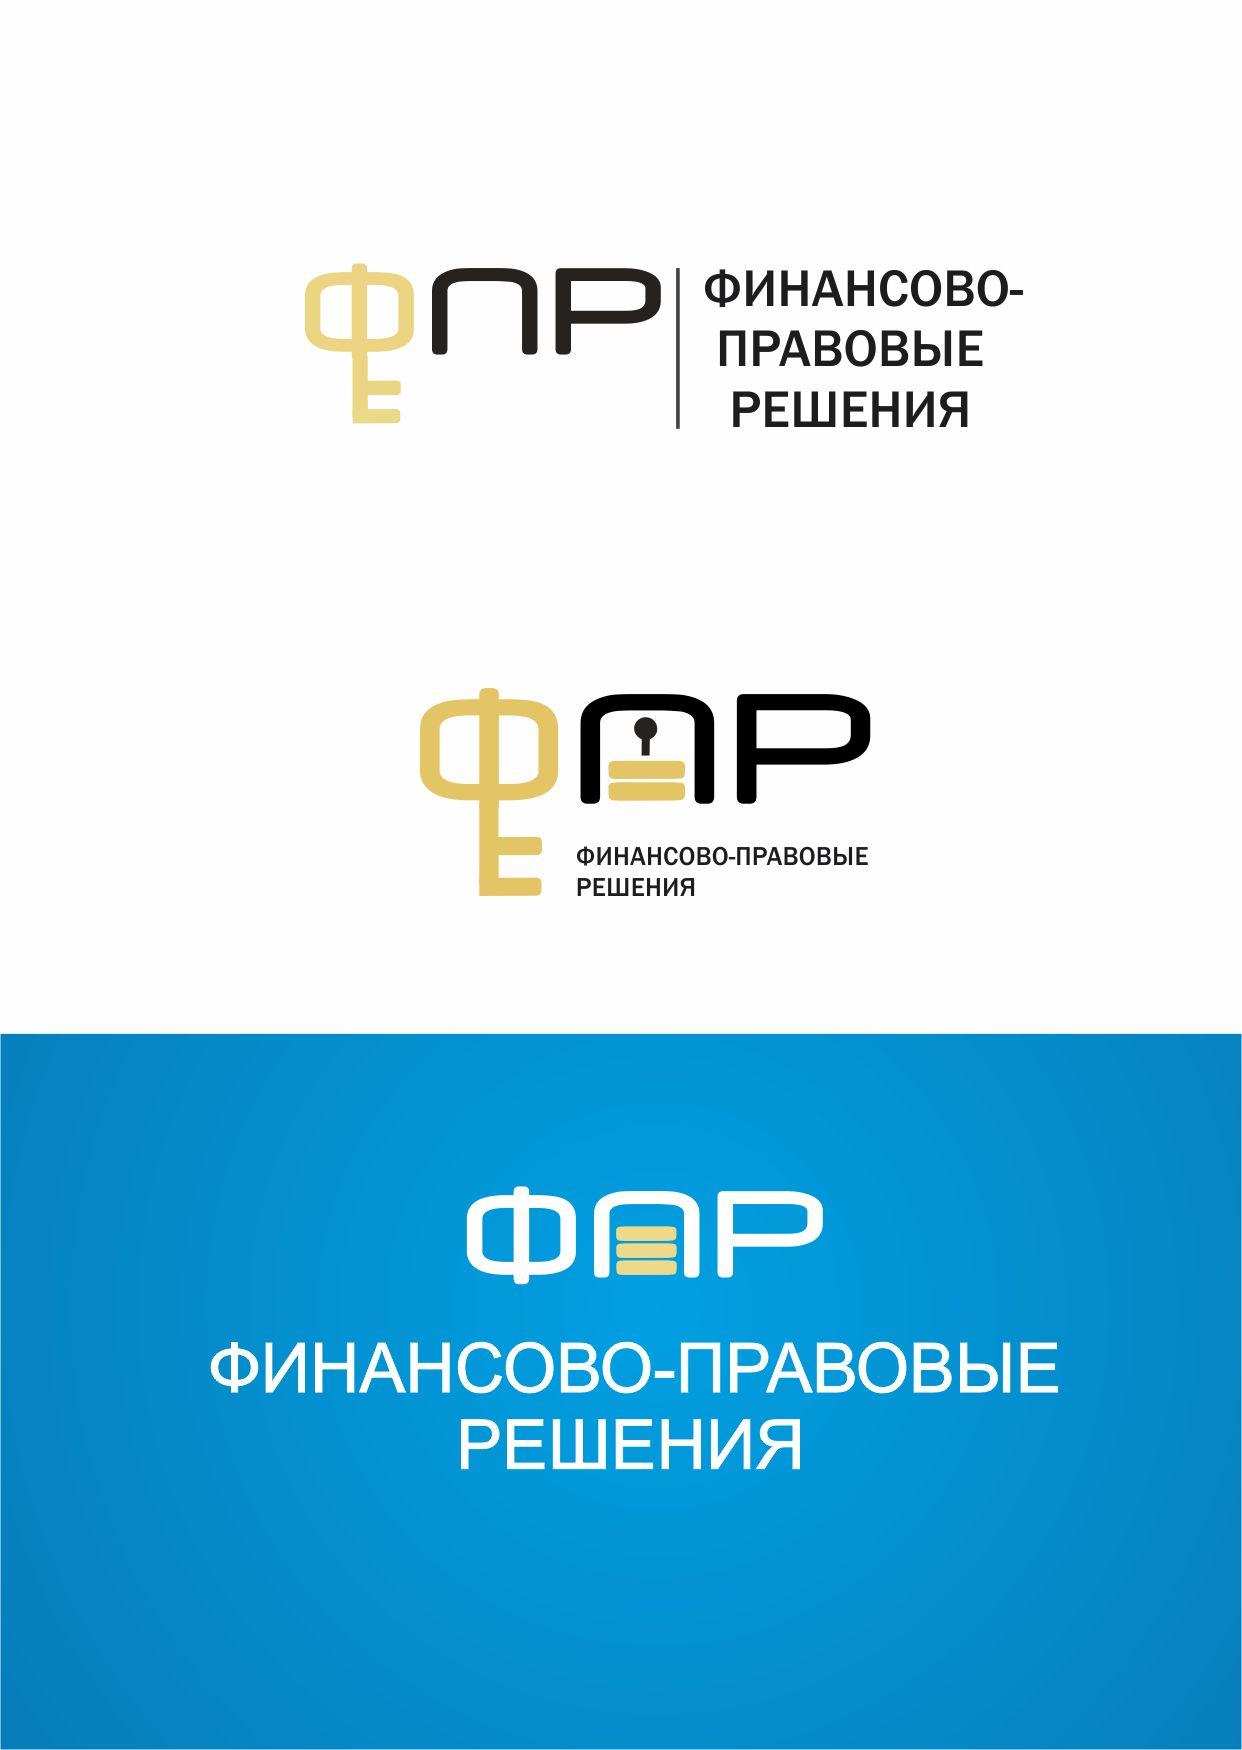 Лого и фирменный стиль для ФИНАНСОВО-ПРАВОВЫЕ РЕШЕНИЯ (сокращенно - ФПР) - дизайнер Rika